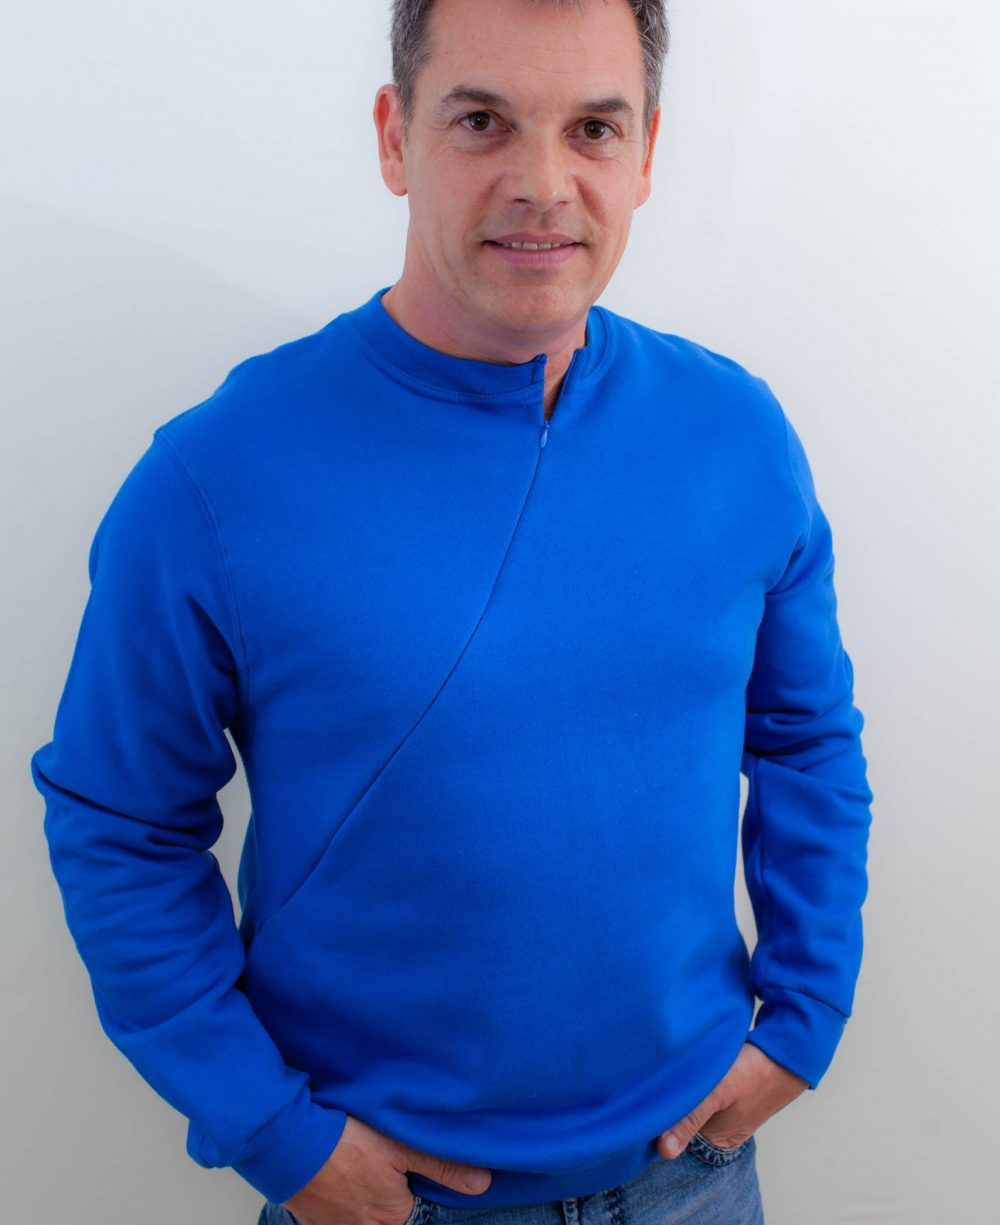 blau-Herren-pullover-für-dialysepatienten-mit-individuellem-reißverschluss-diazipp-20